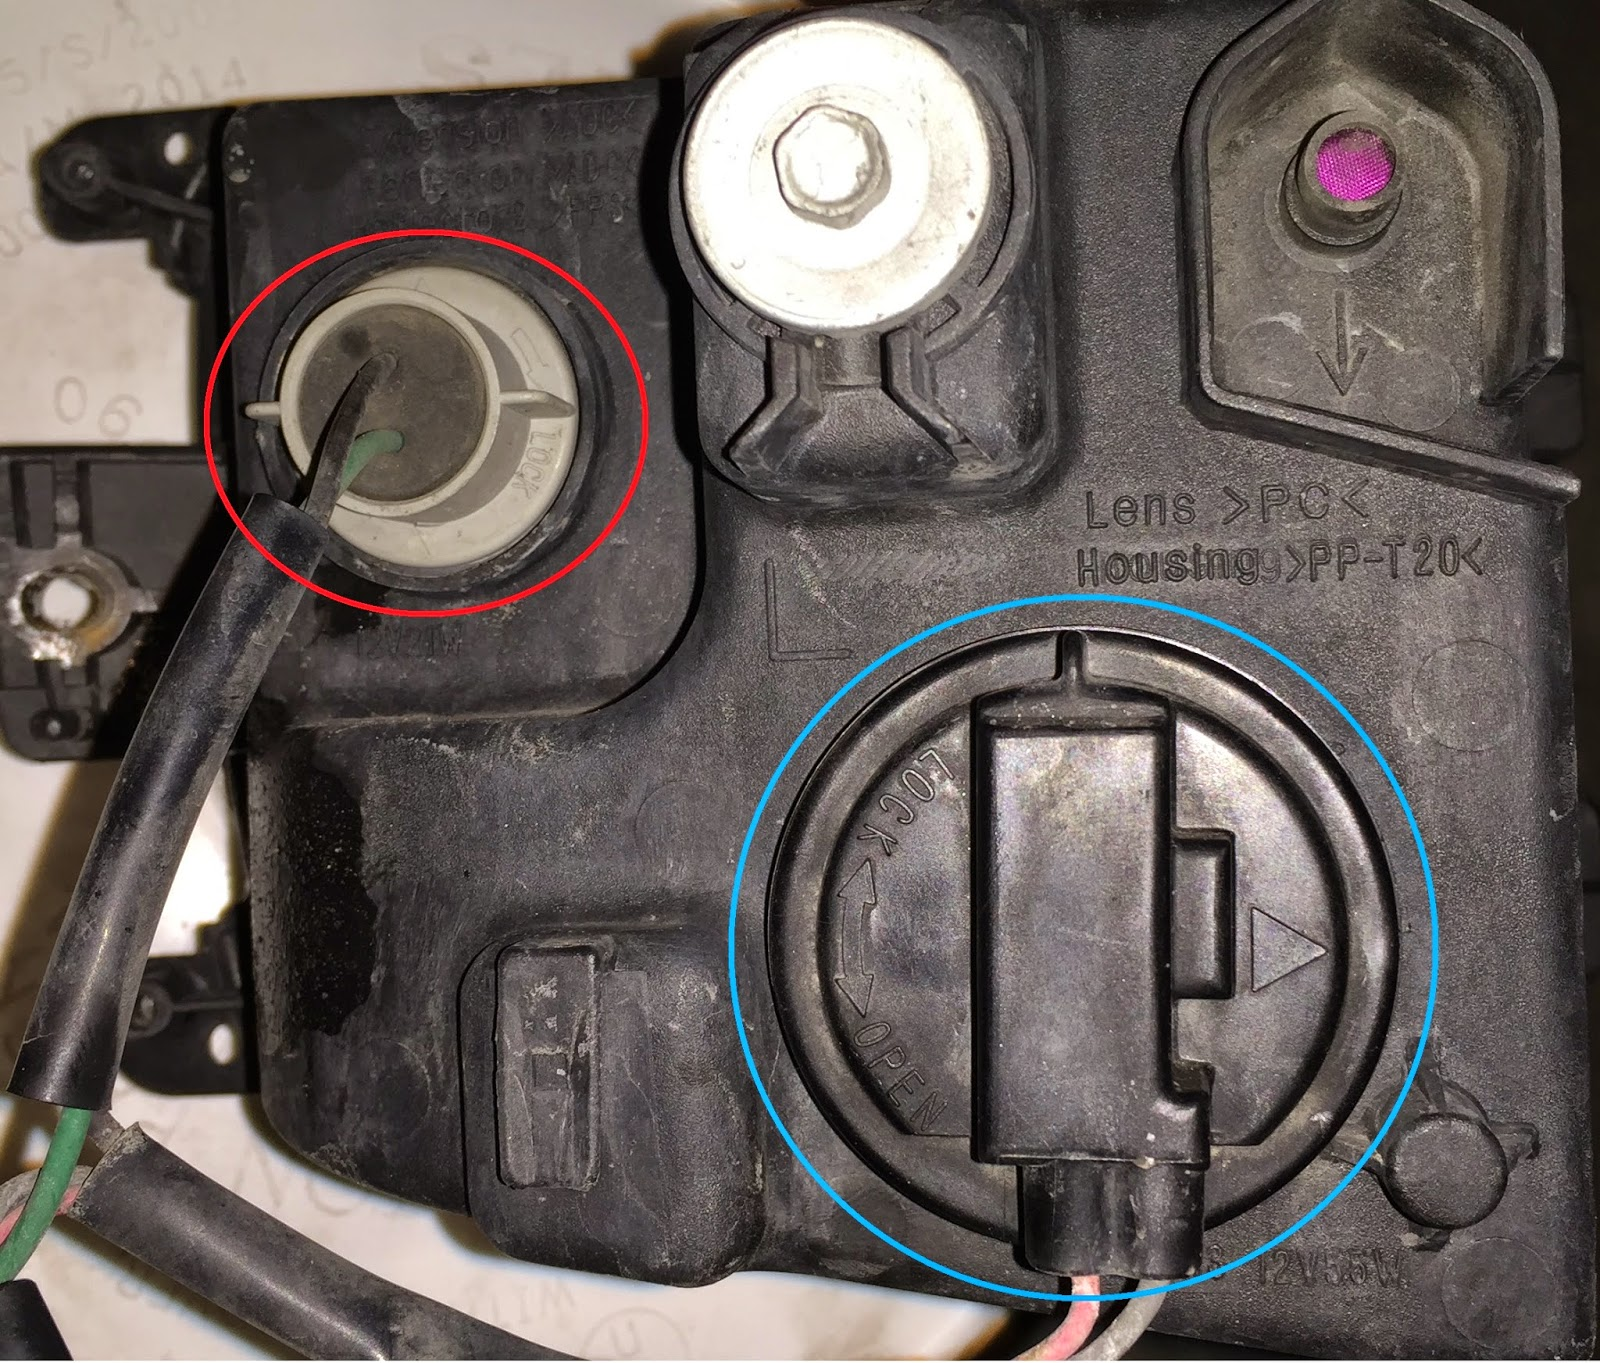 PerfektAdrenalin DIY Infiniti QX4 Fog Turning Signal Bulb 200103 – Infiniti Qx4 Wiring